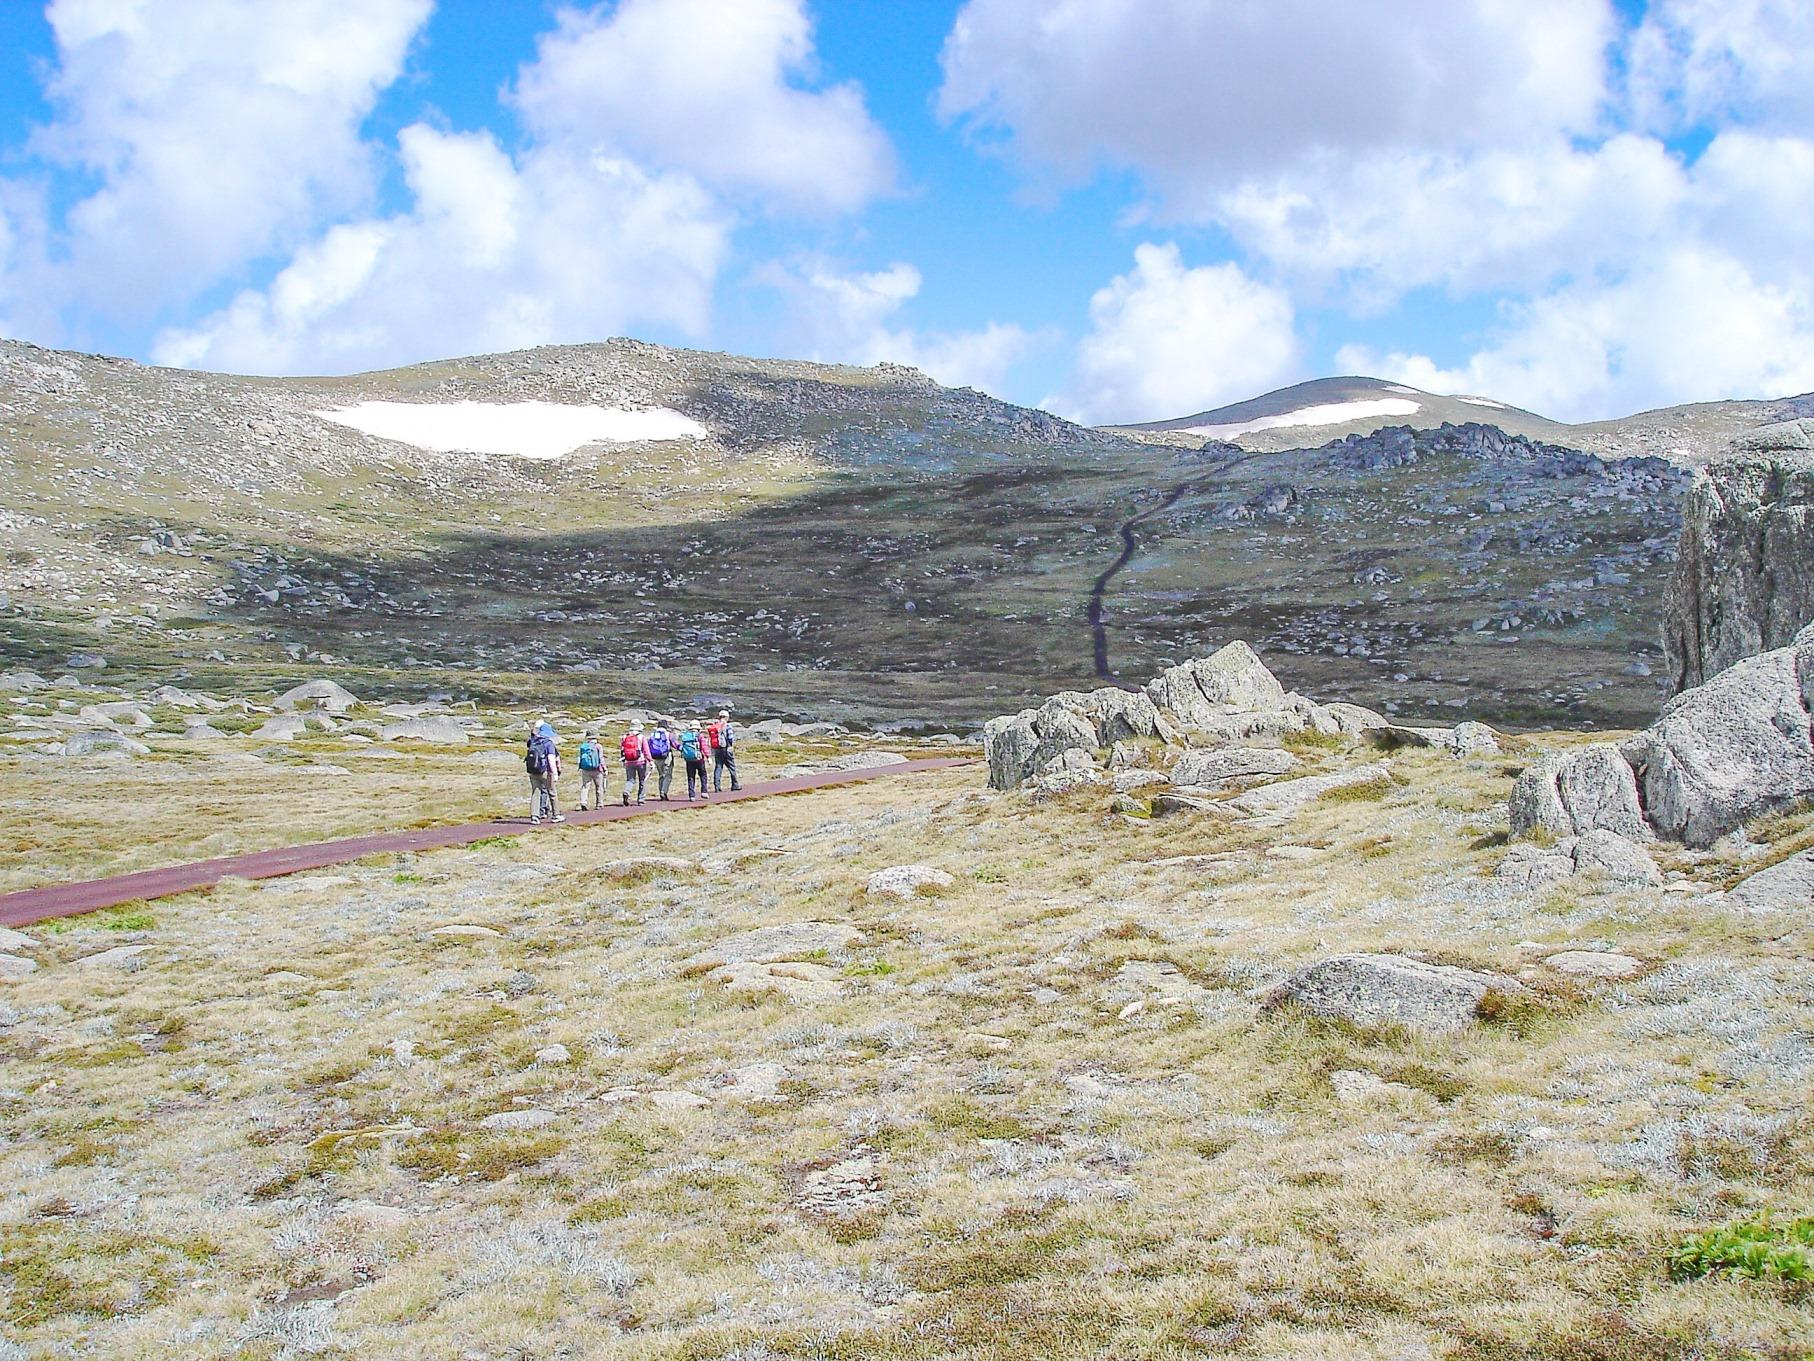 オーストラリア大陸最高峰Mt.コジオスコ登頂とタスマニア島フラワーハイキング 8日間